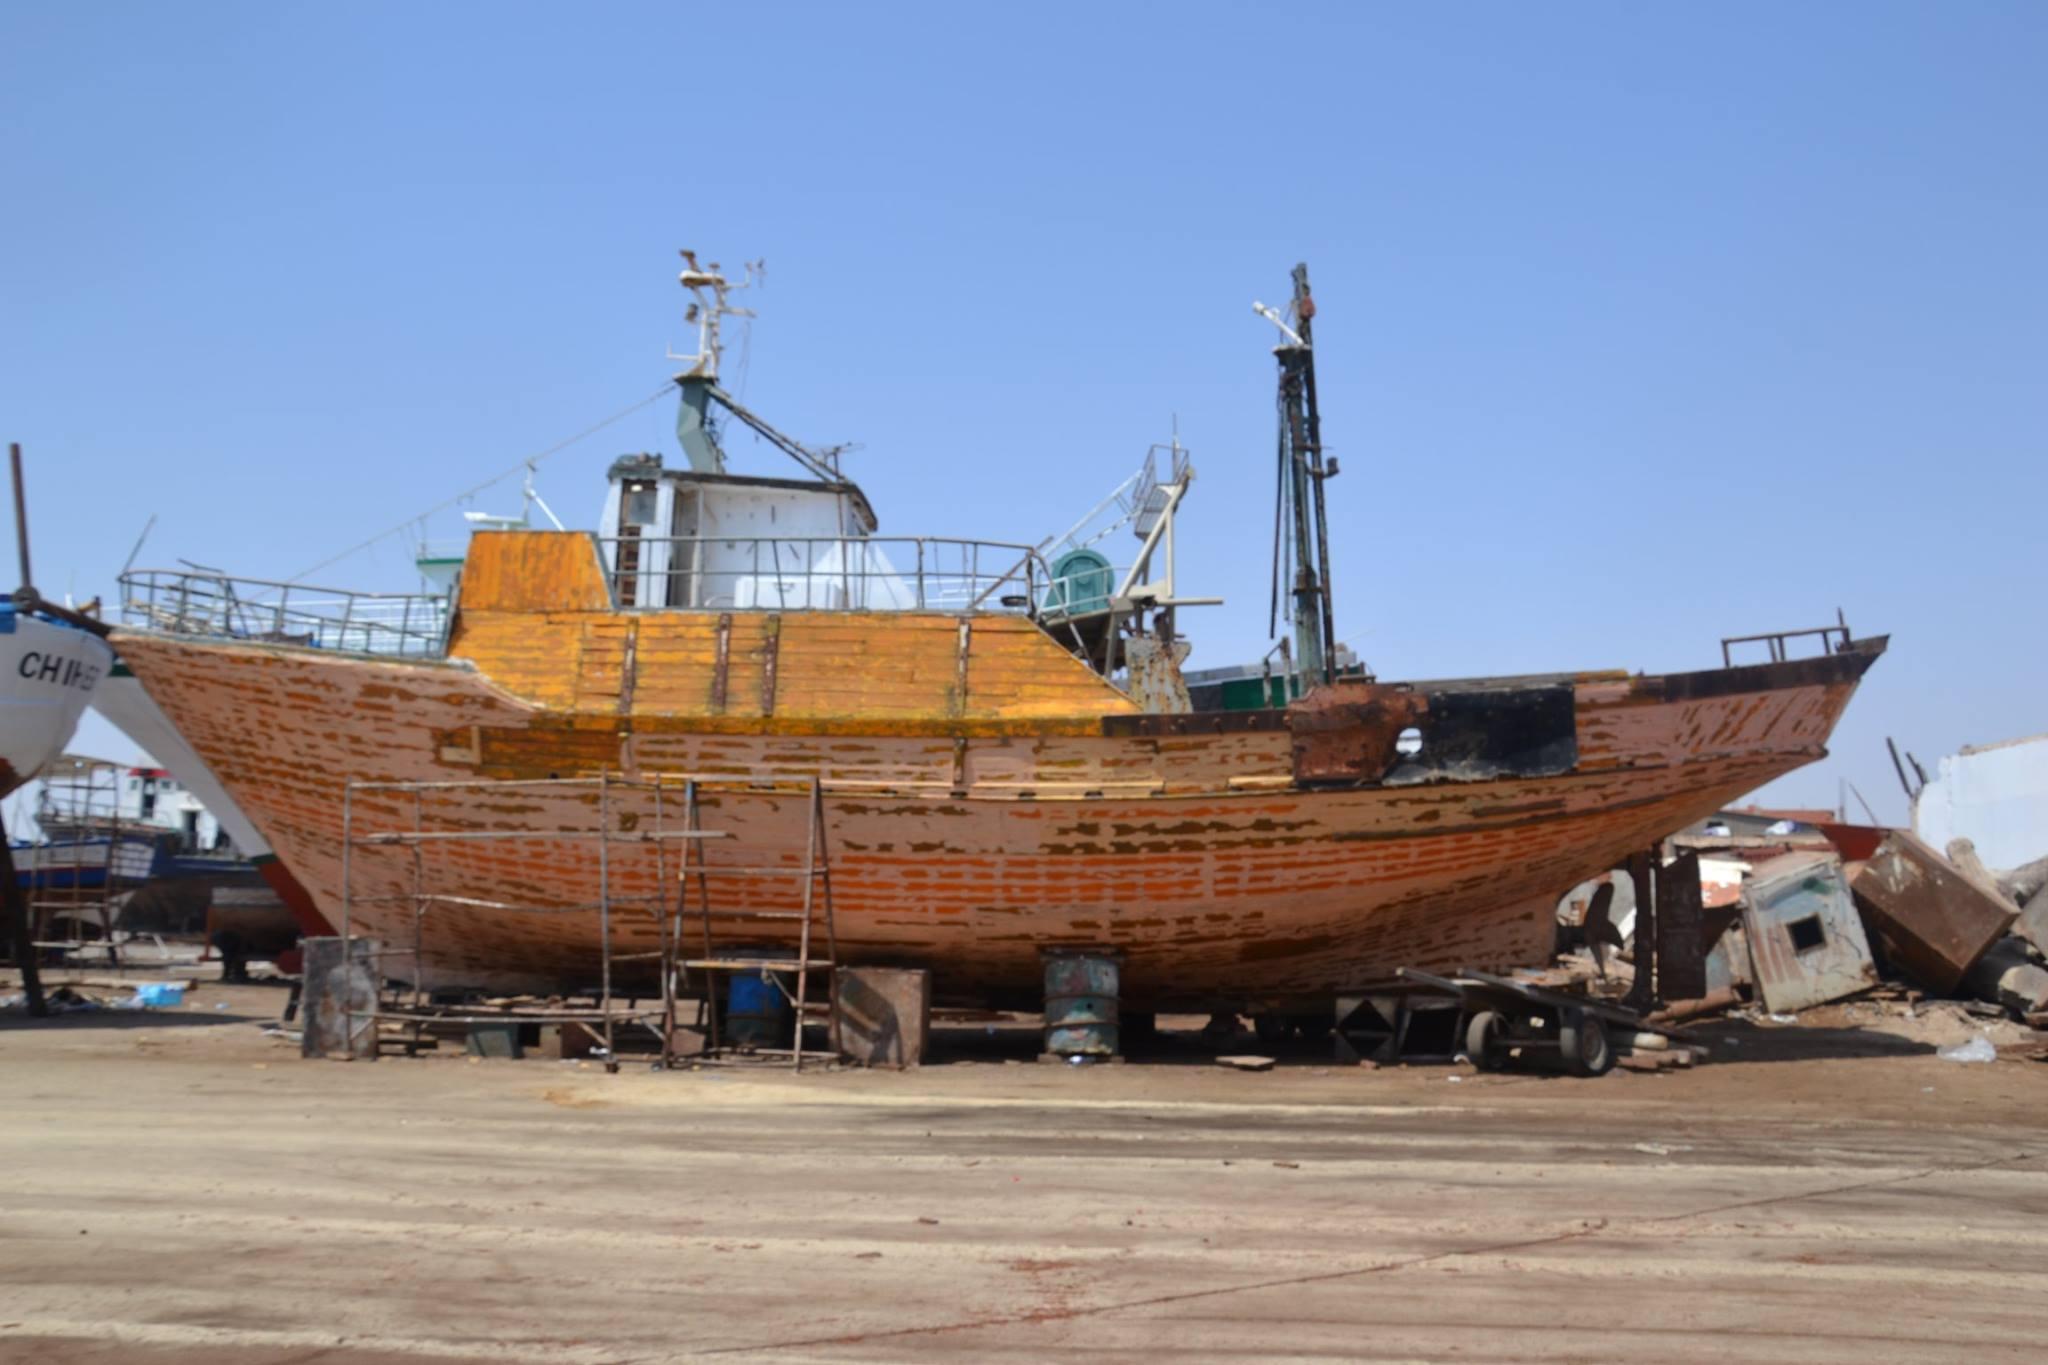 صفاقس : السفينة القديمة التي ستزيّن مفترق طريق سيدي منصور